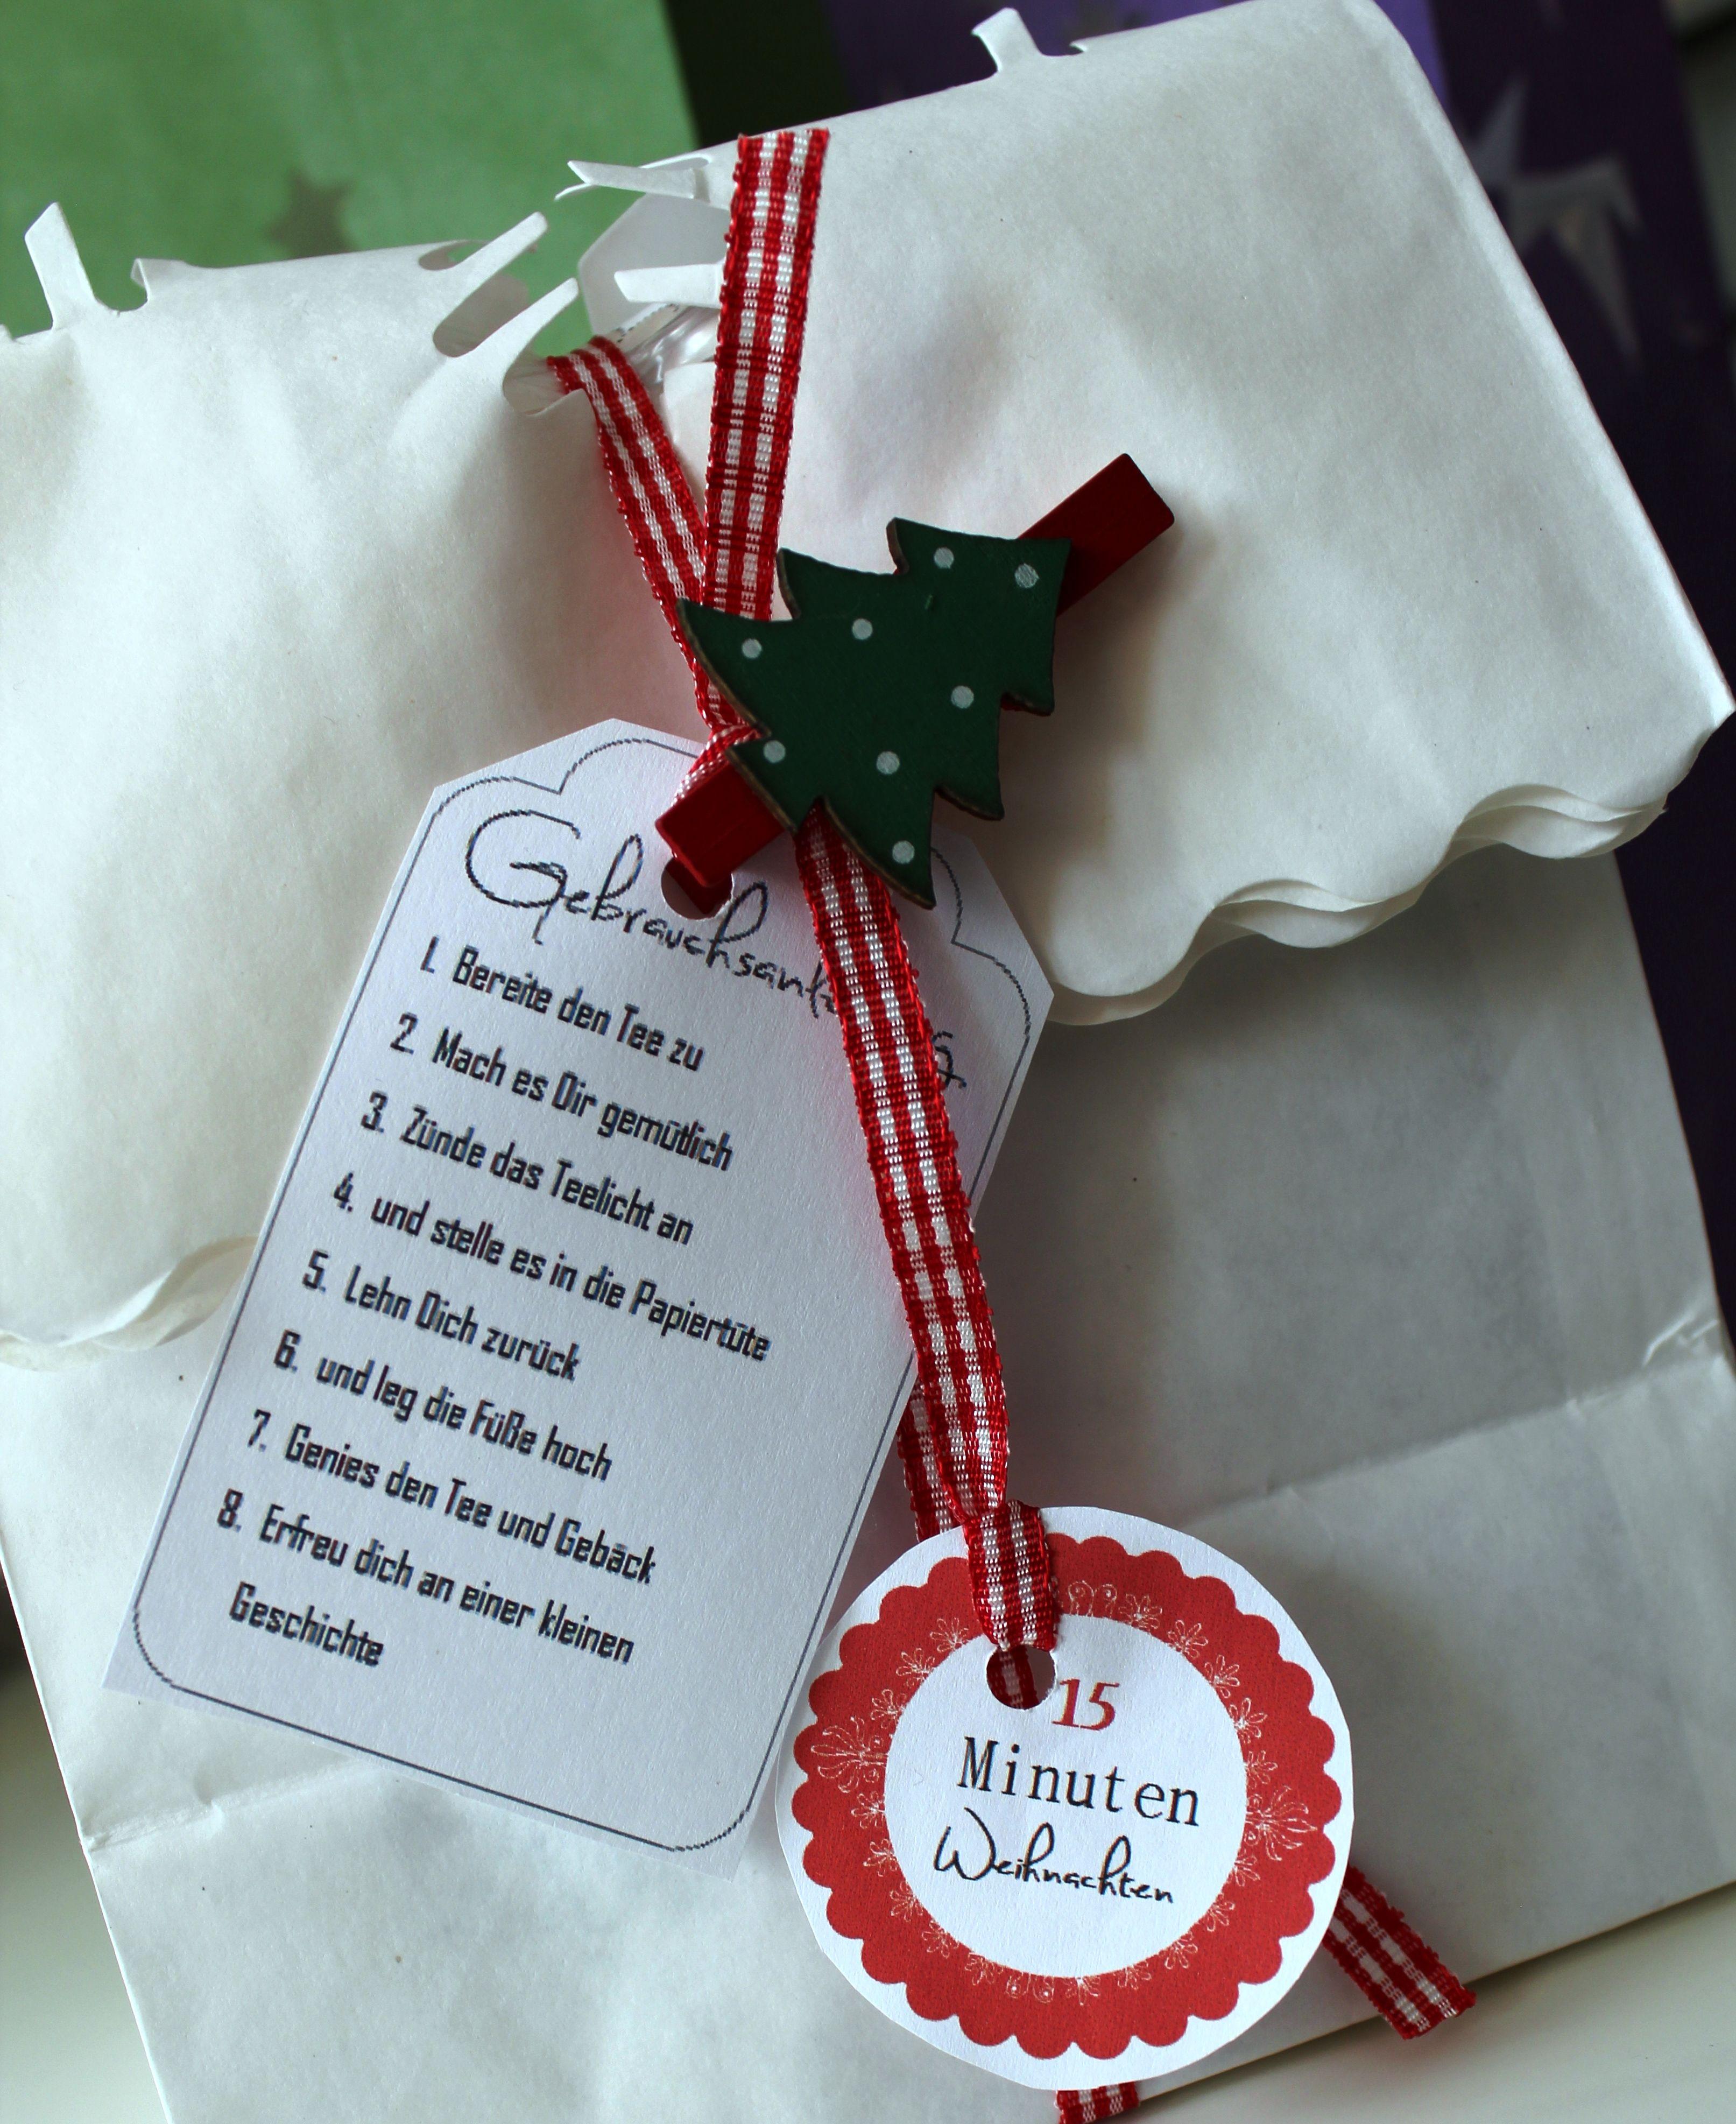 Eitelkeit Kleine Weihnachtsgeschenke Basteln Dekoration Von 15 Minuten Weihnachtstüte. 15 Minuten Weihnachtenweihnachten Xmasbasteln